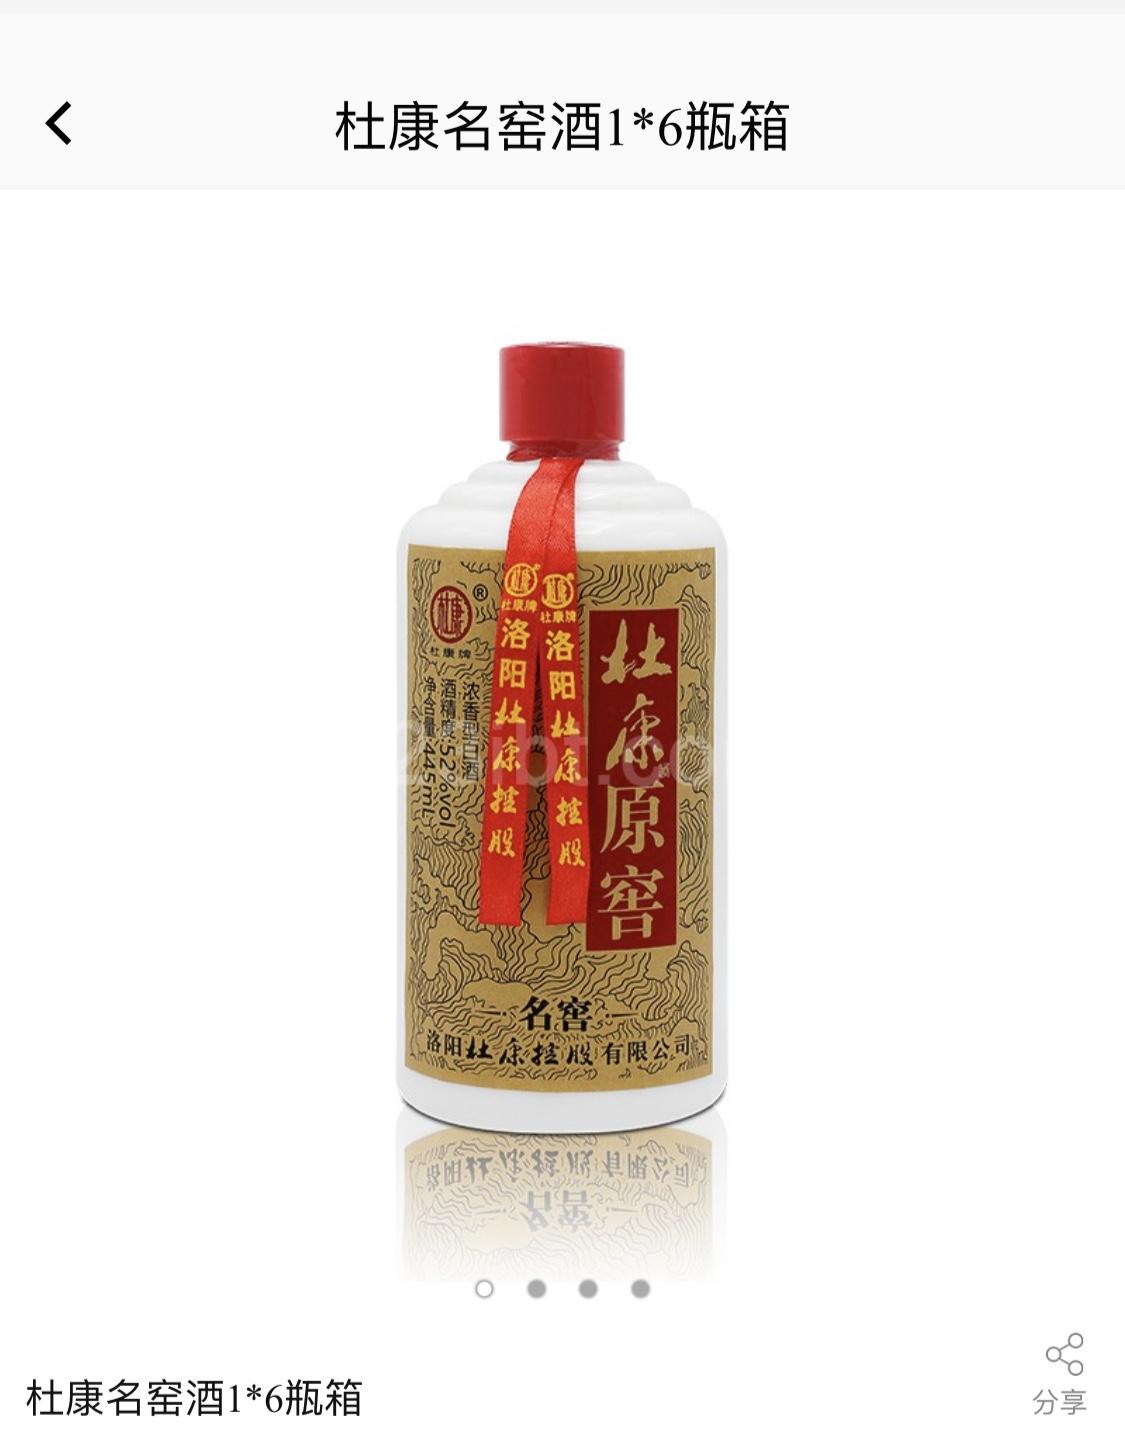 每箱六瓶起易杜康原窖名窖酒 52度浓香型白酒 河南 洛阳原厂原浆窖藏